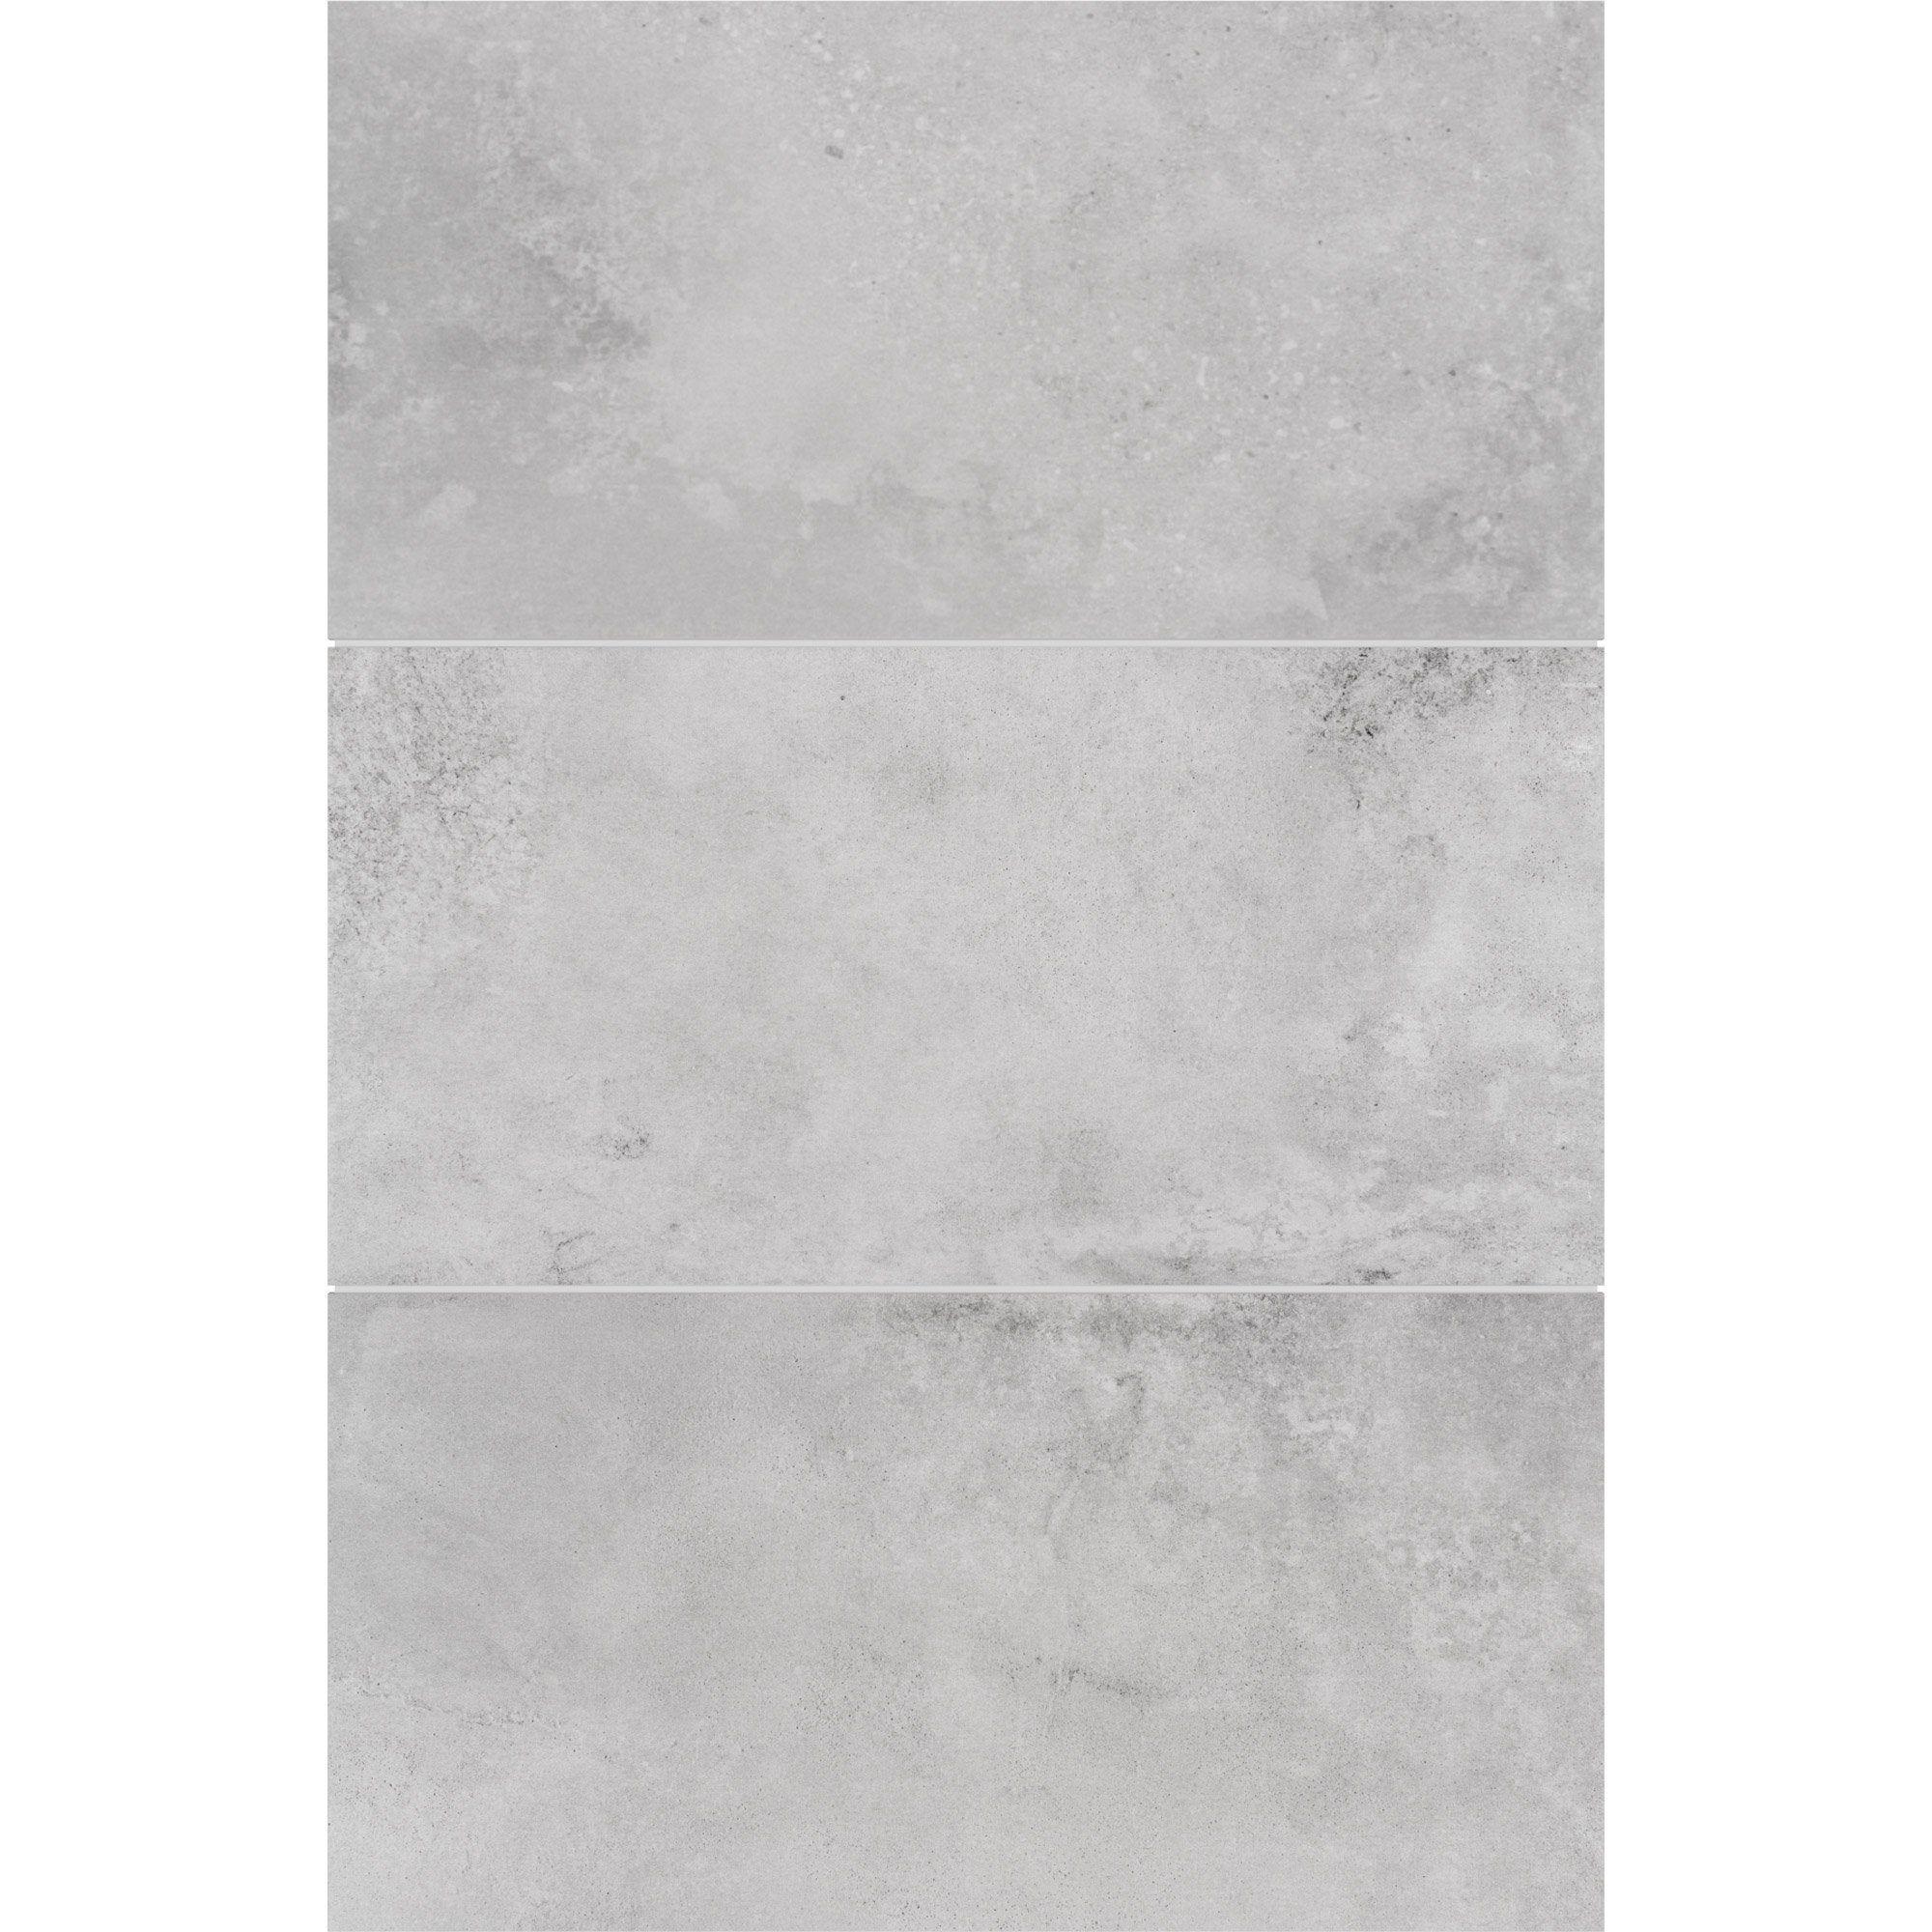 Carrelage Mur Beton Gris Clair Mat L 50 X L 0 95 Cm Helio Stn Ceramica Texture Carrelage Gris Clair Carrelage Gris Clair